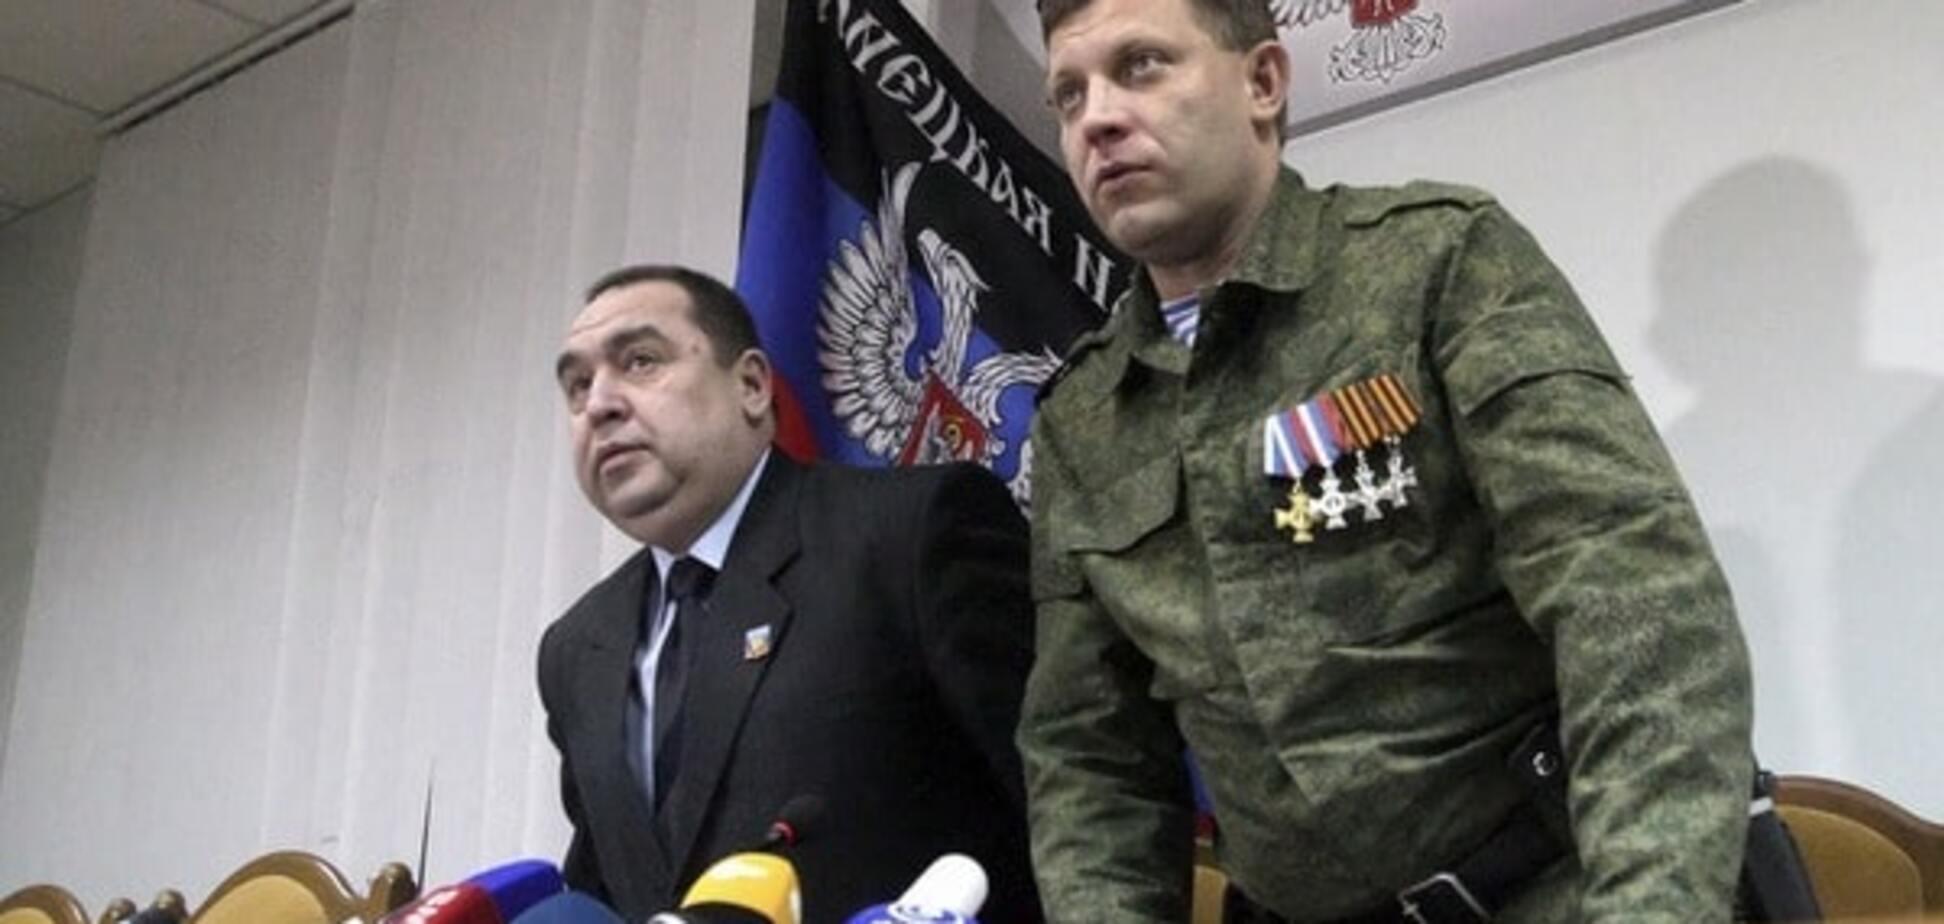 Зачистка: в СБУ пояснили, яке майбутнє очікує Захарченка та Плотницького